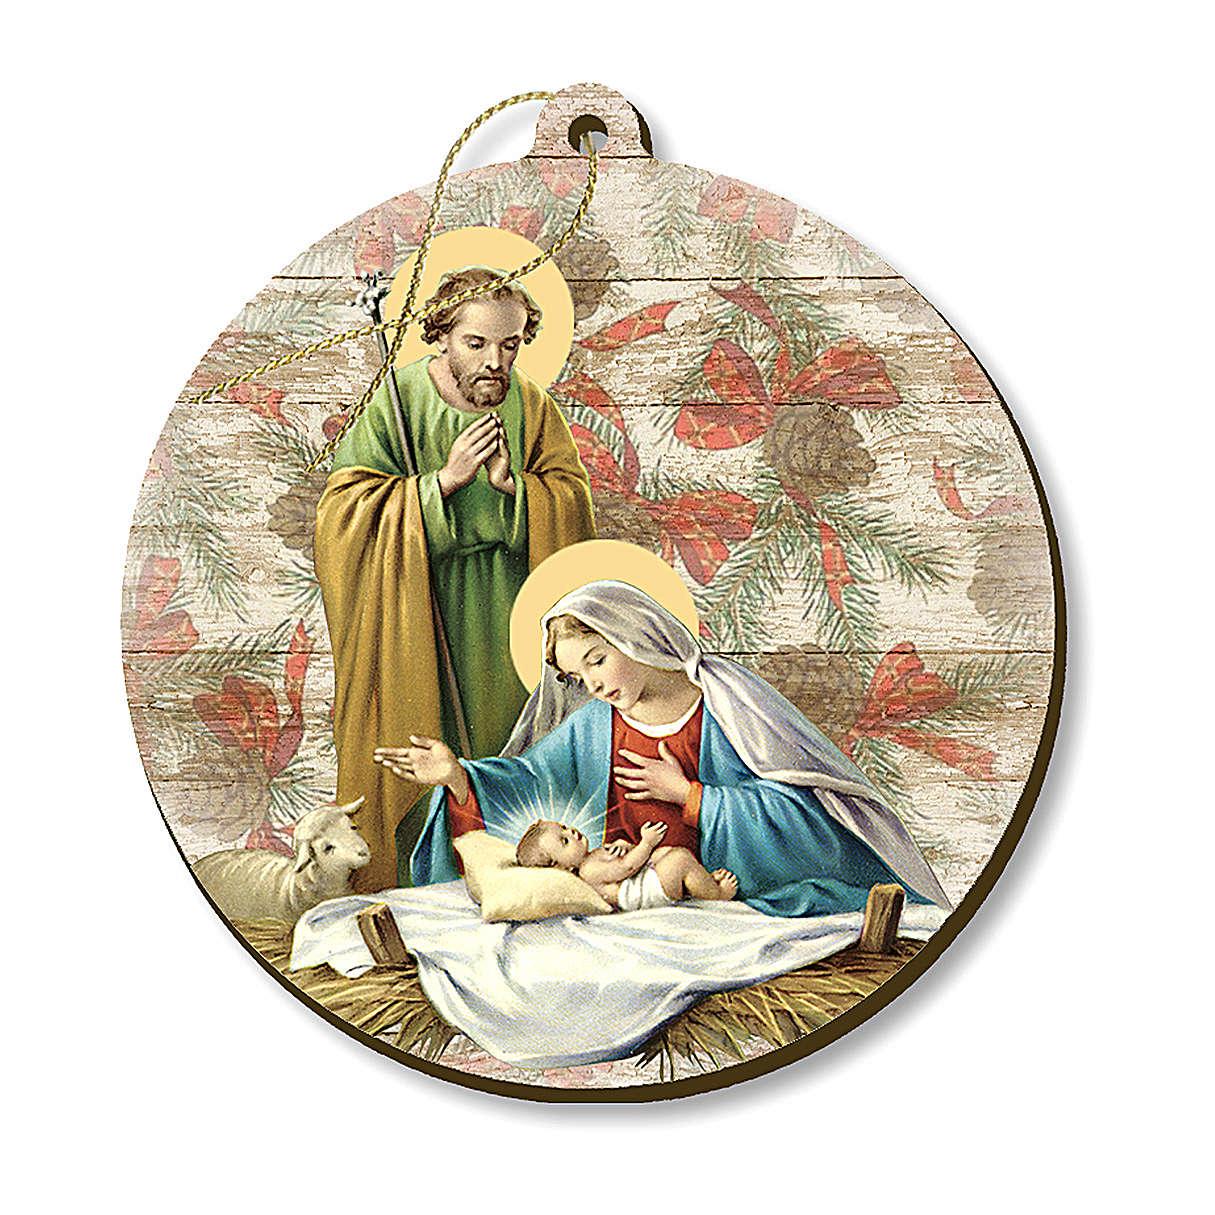 Décoration de Noël bois façonné scène Crèche 4